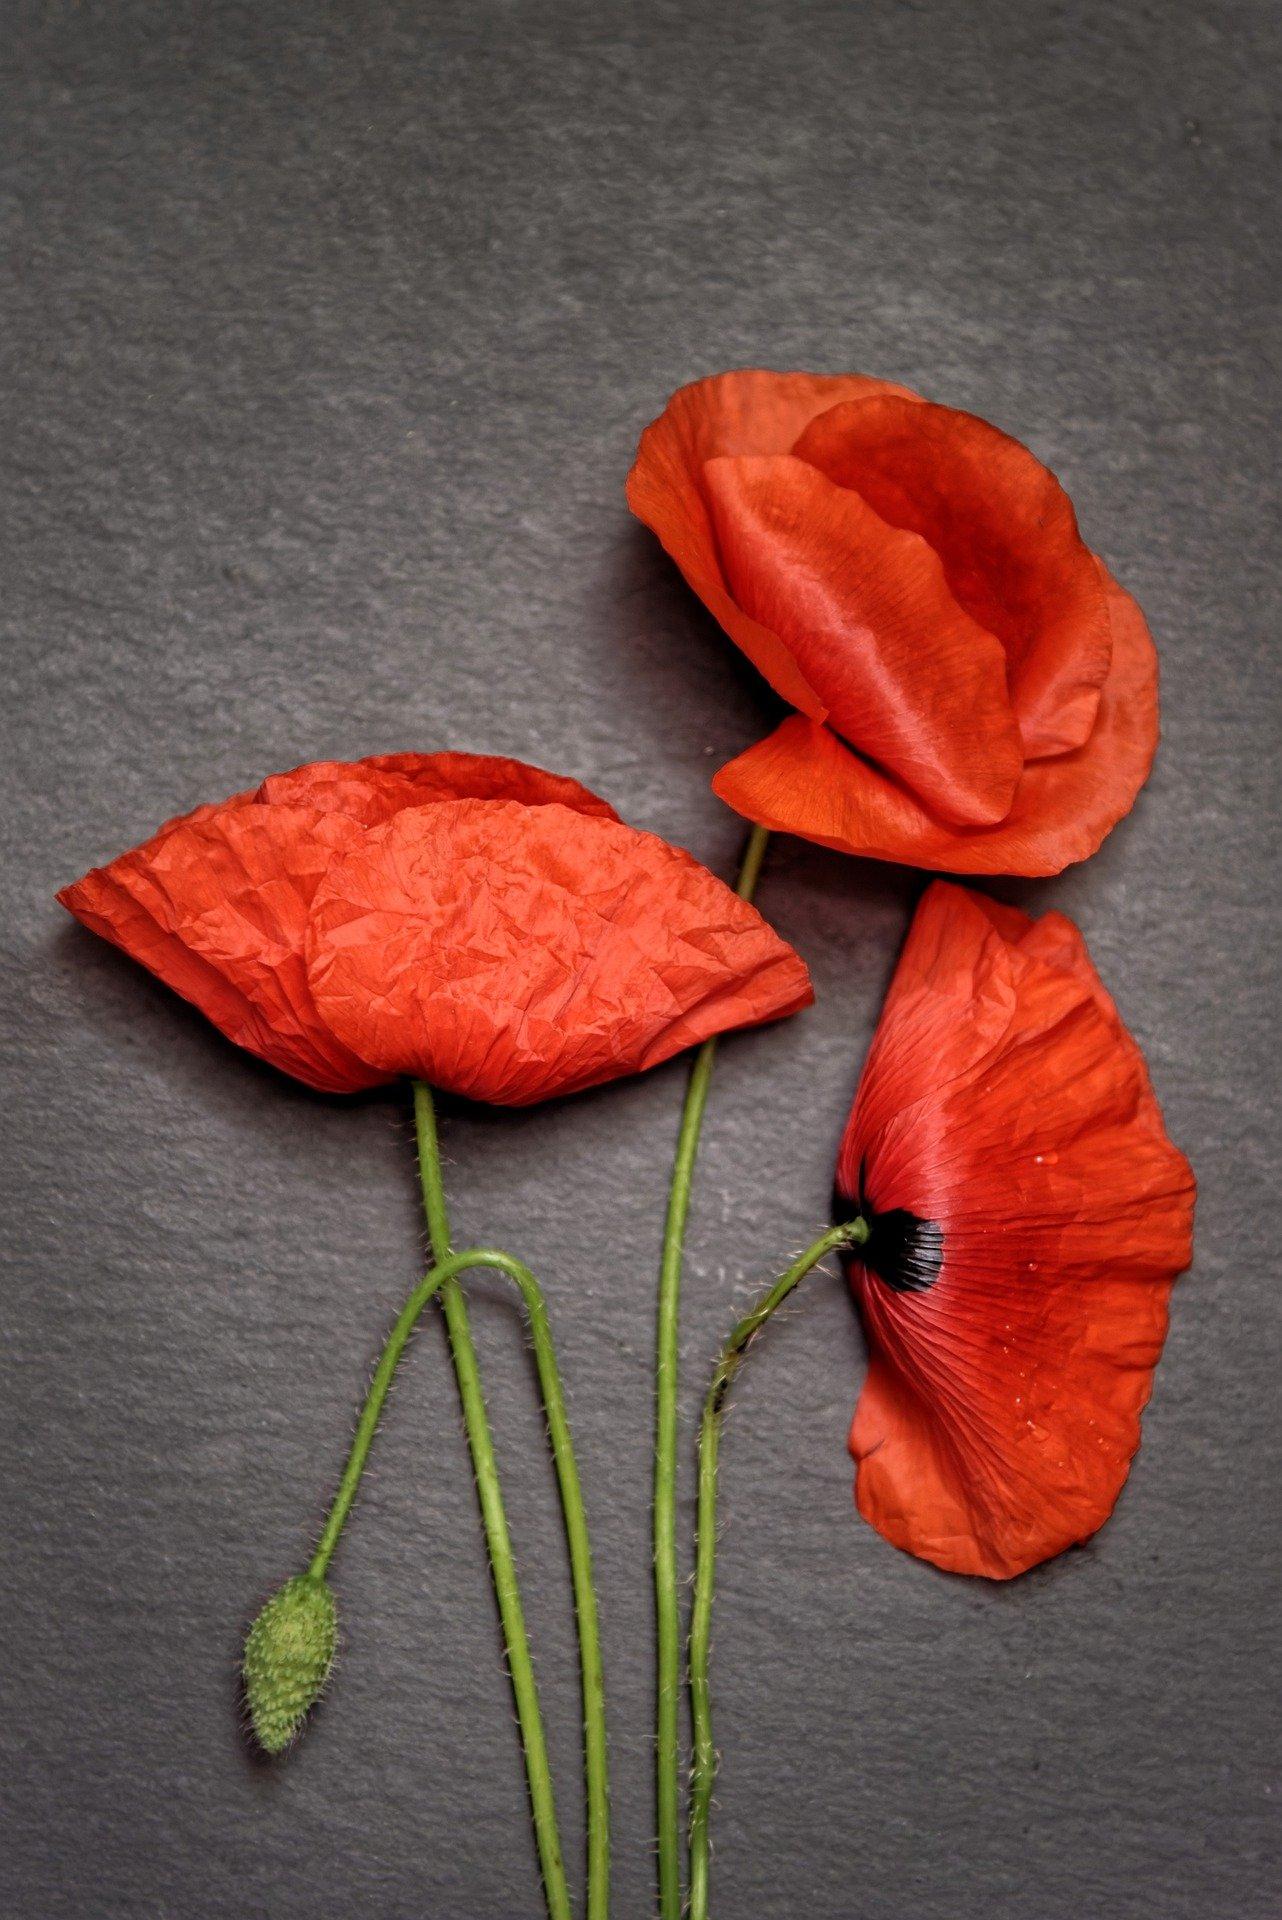 poppies-6394381_1920